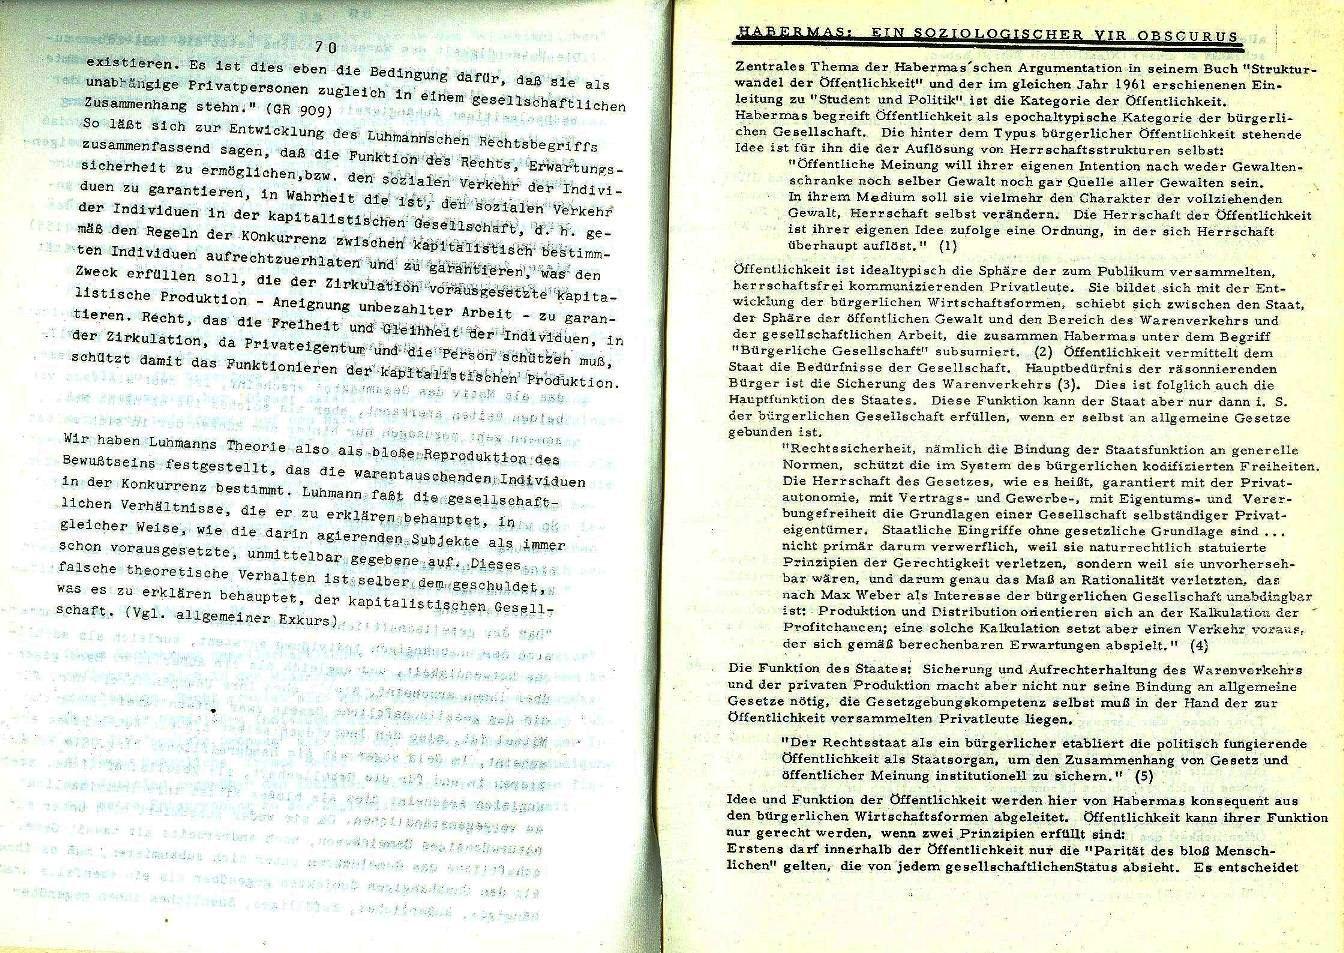 Muenchen_AK_Sozialistisches_Studium037